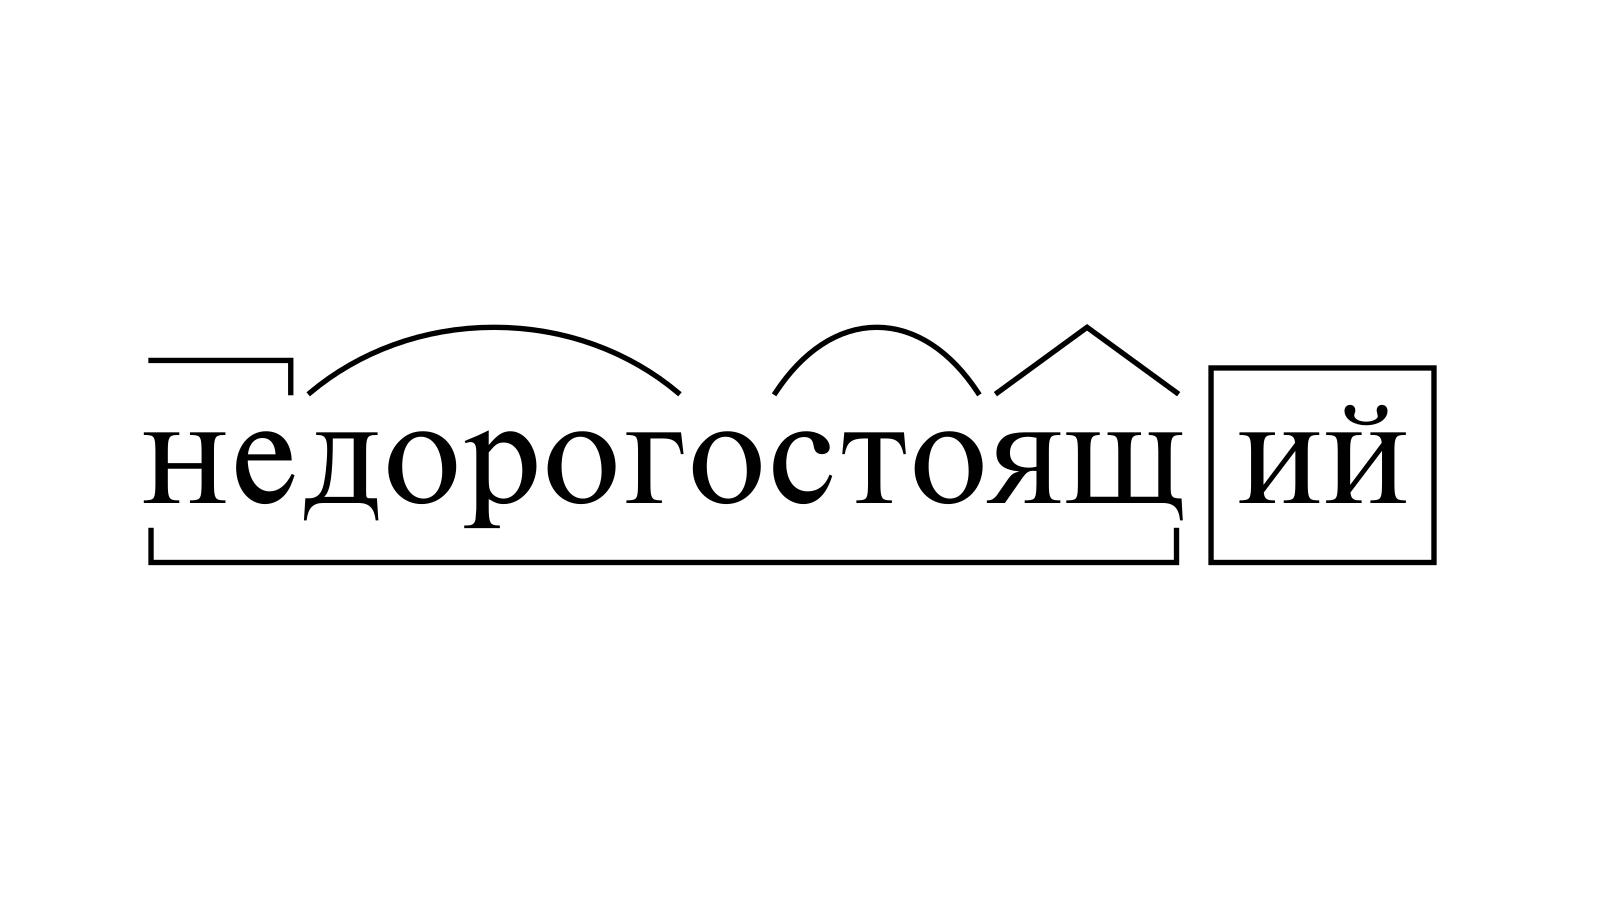 Разбор слова «недорогостоящий» по составу